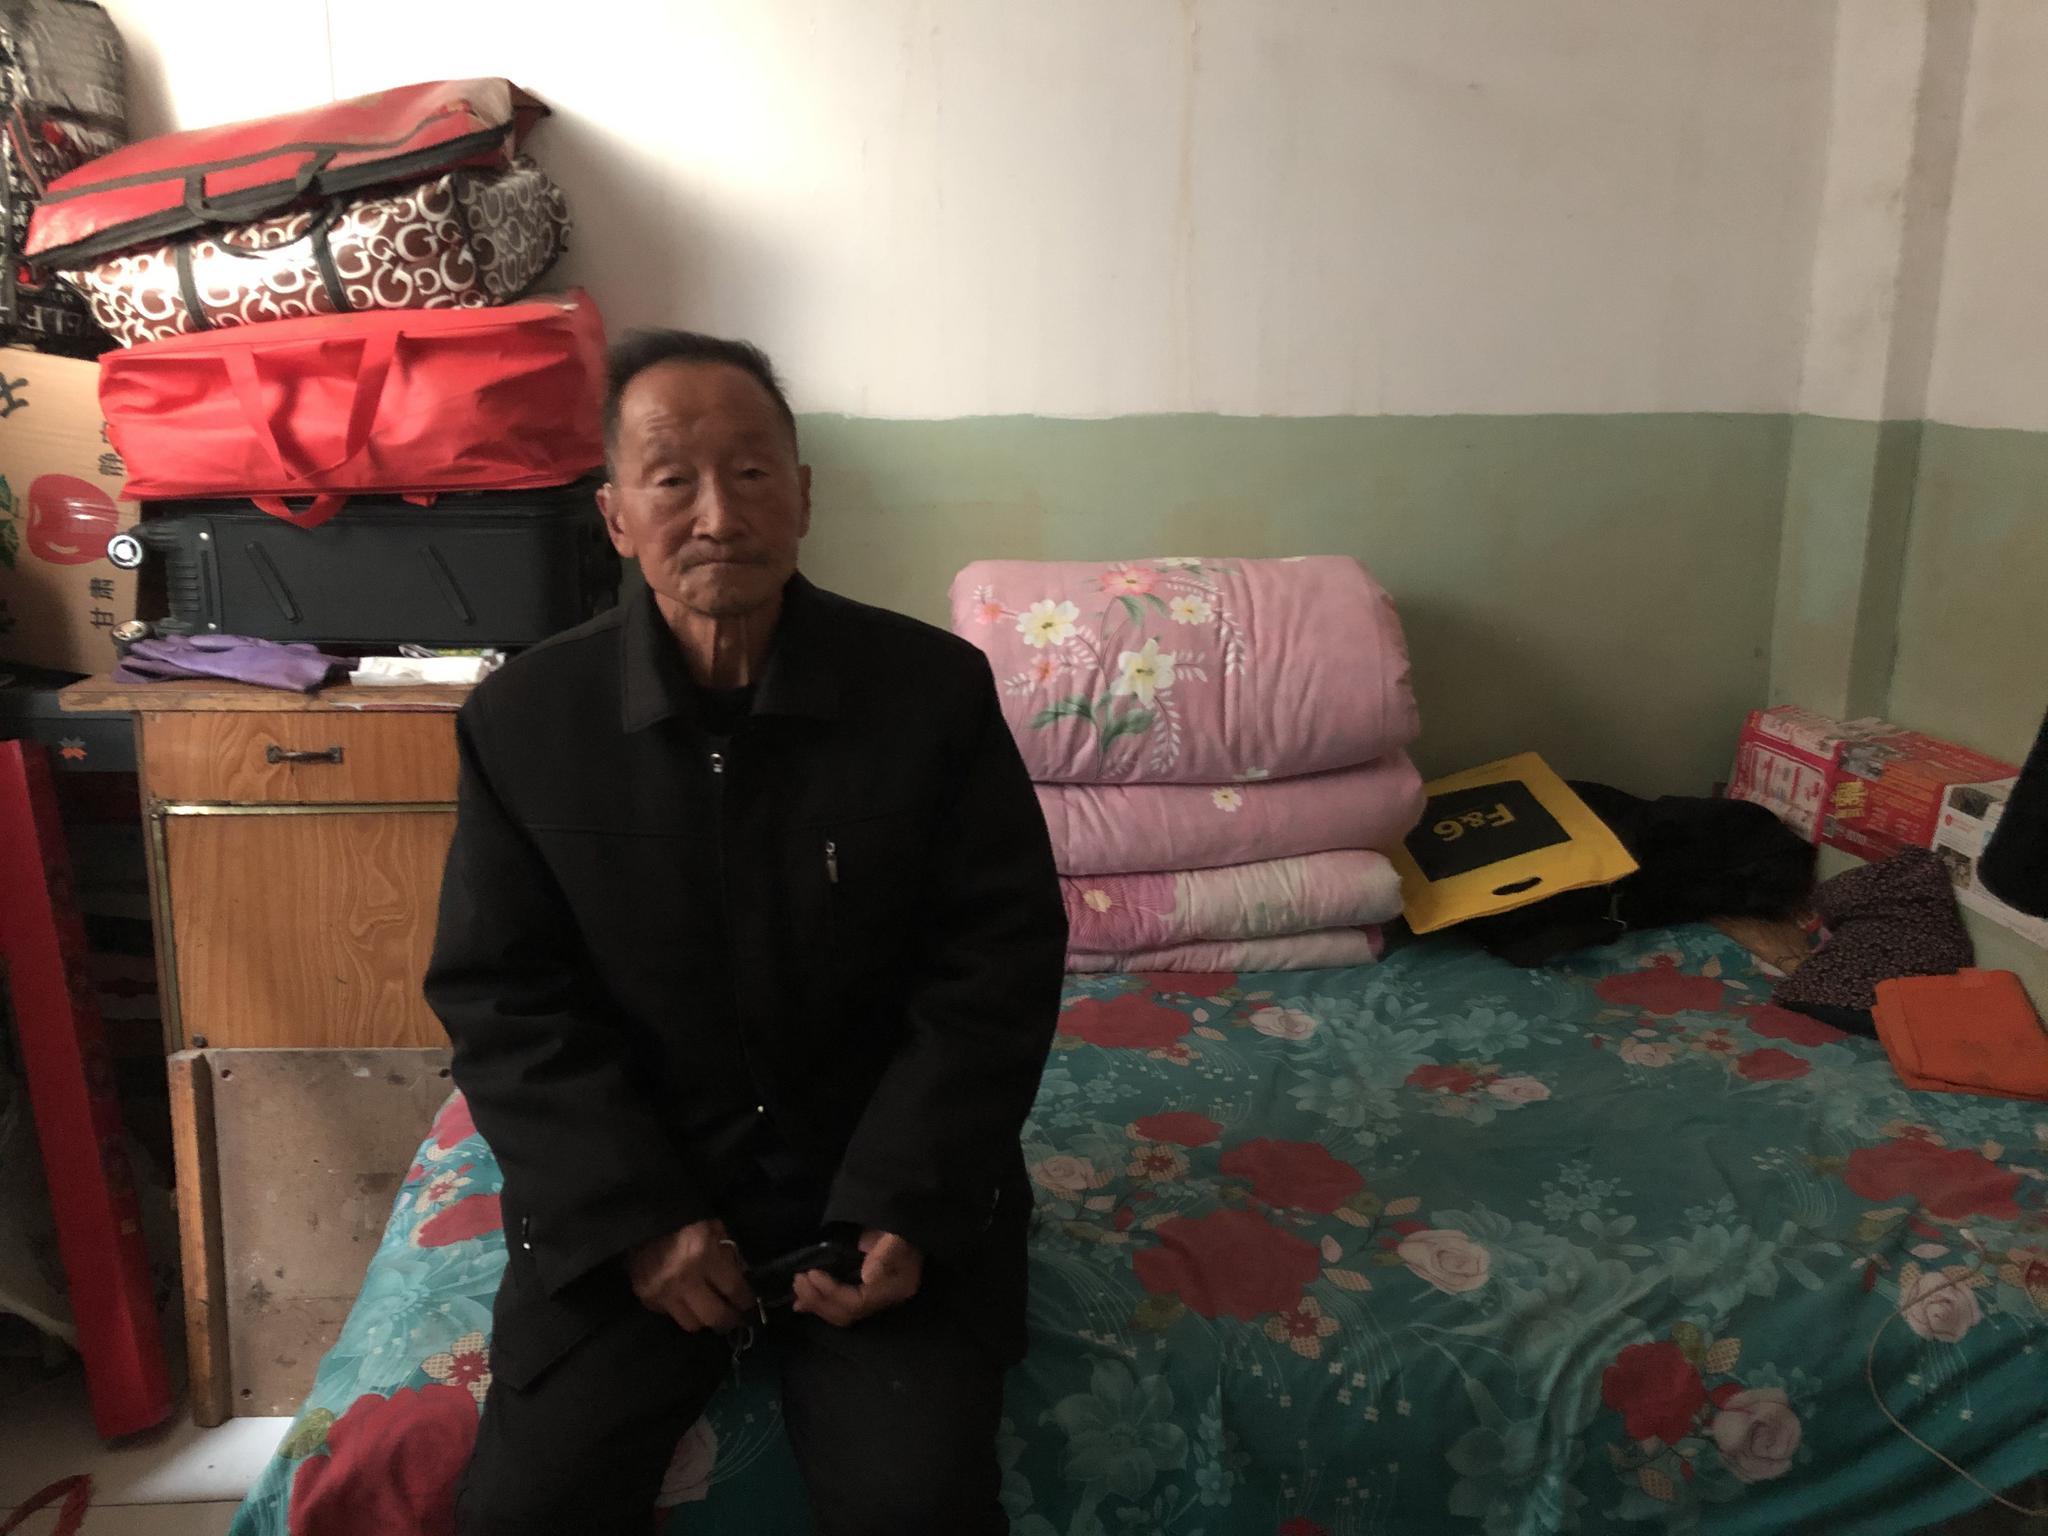 党锁锁在出租屋。新京报记者 曾金秋摄